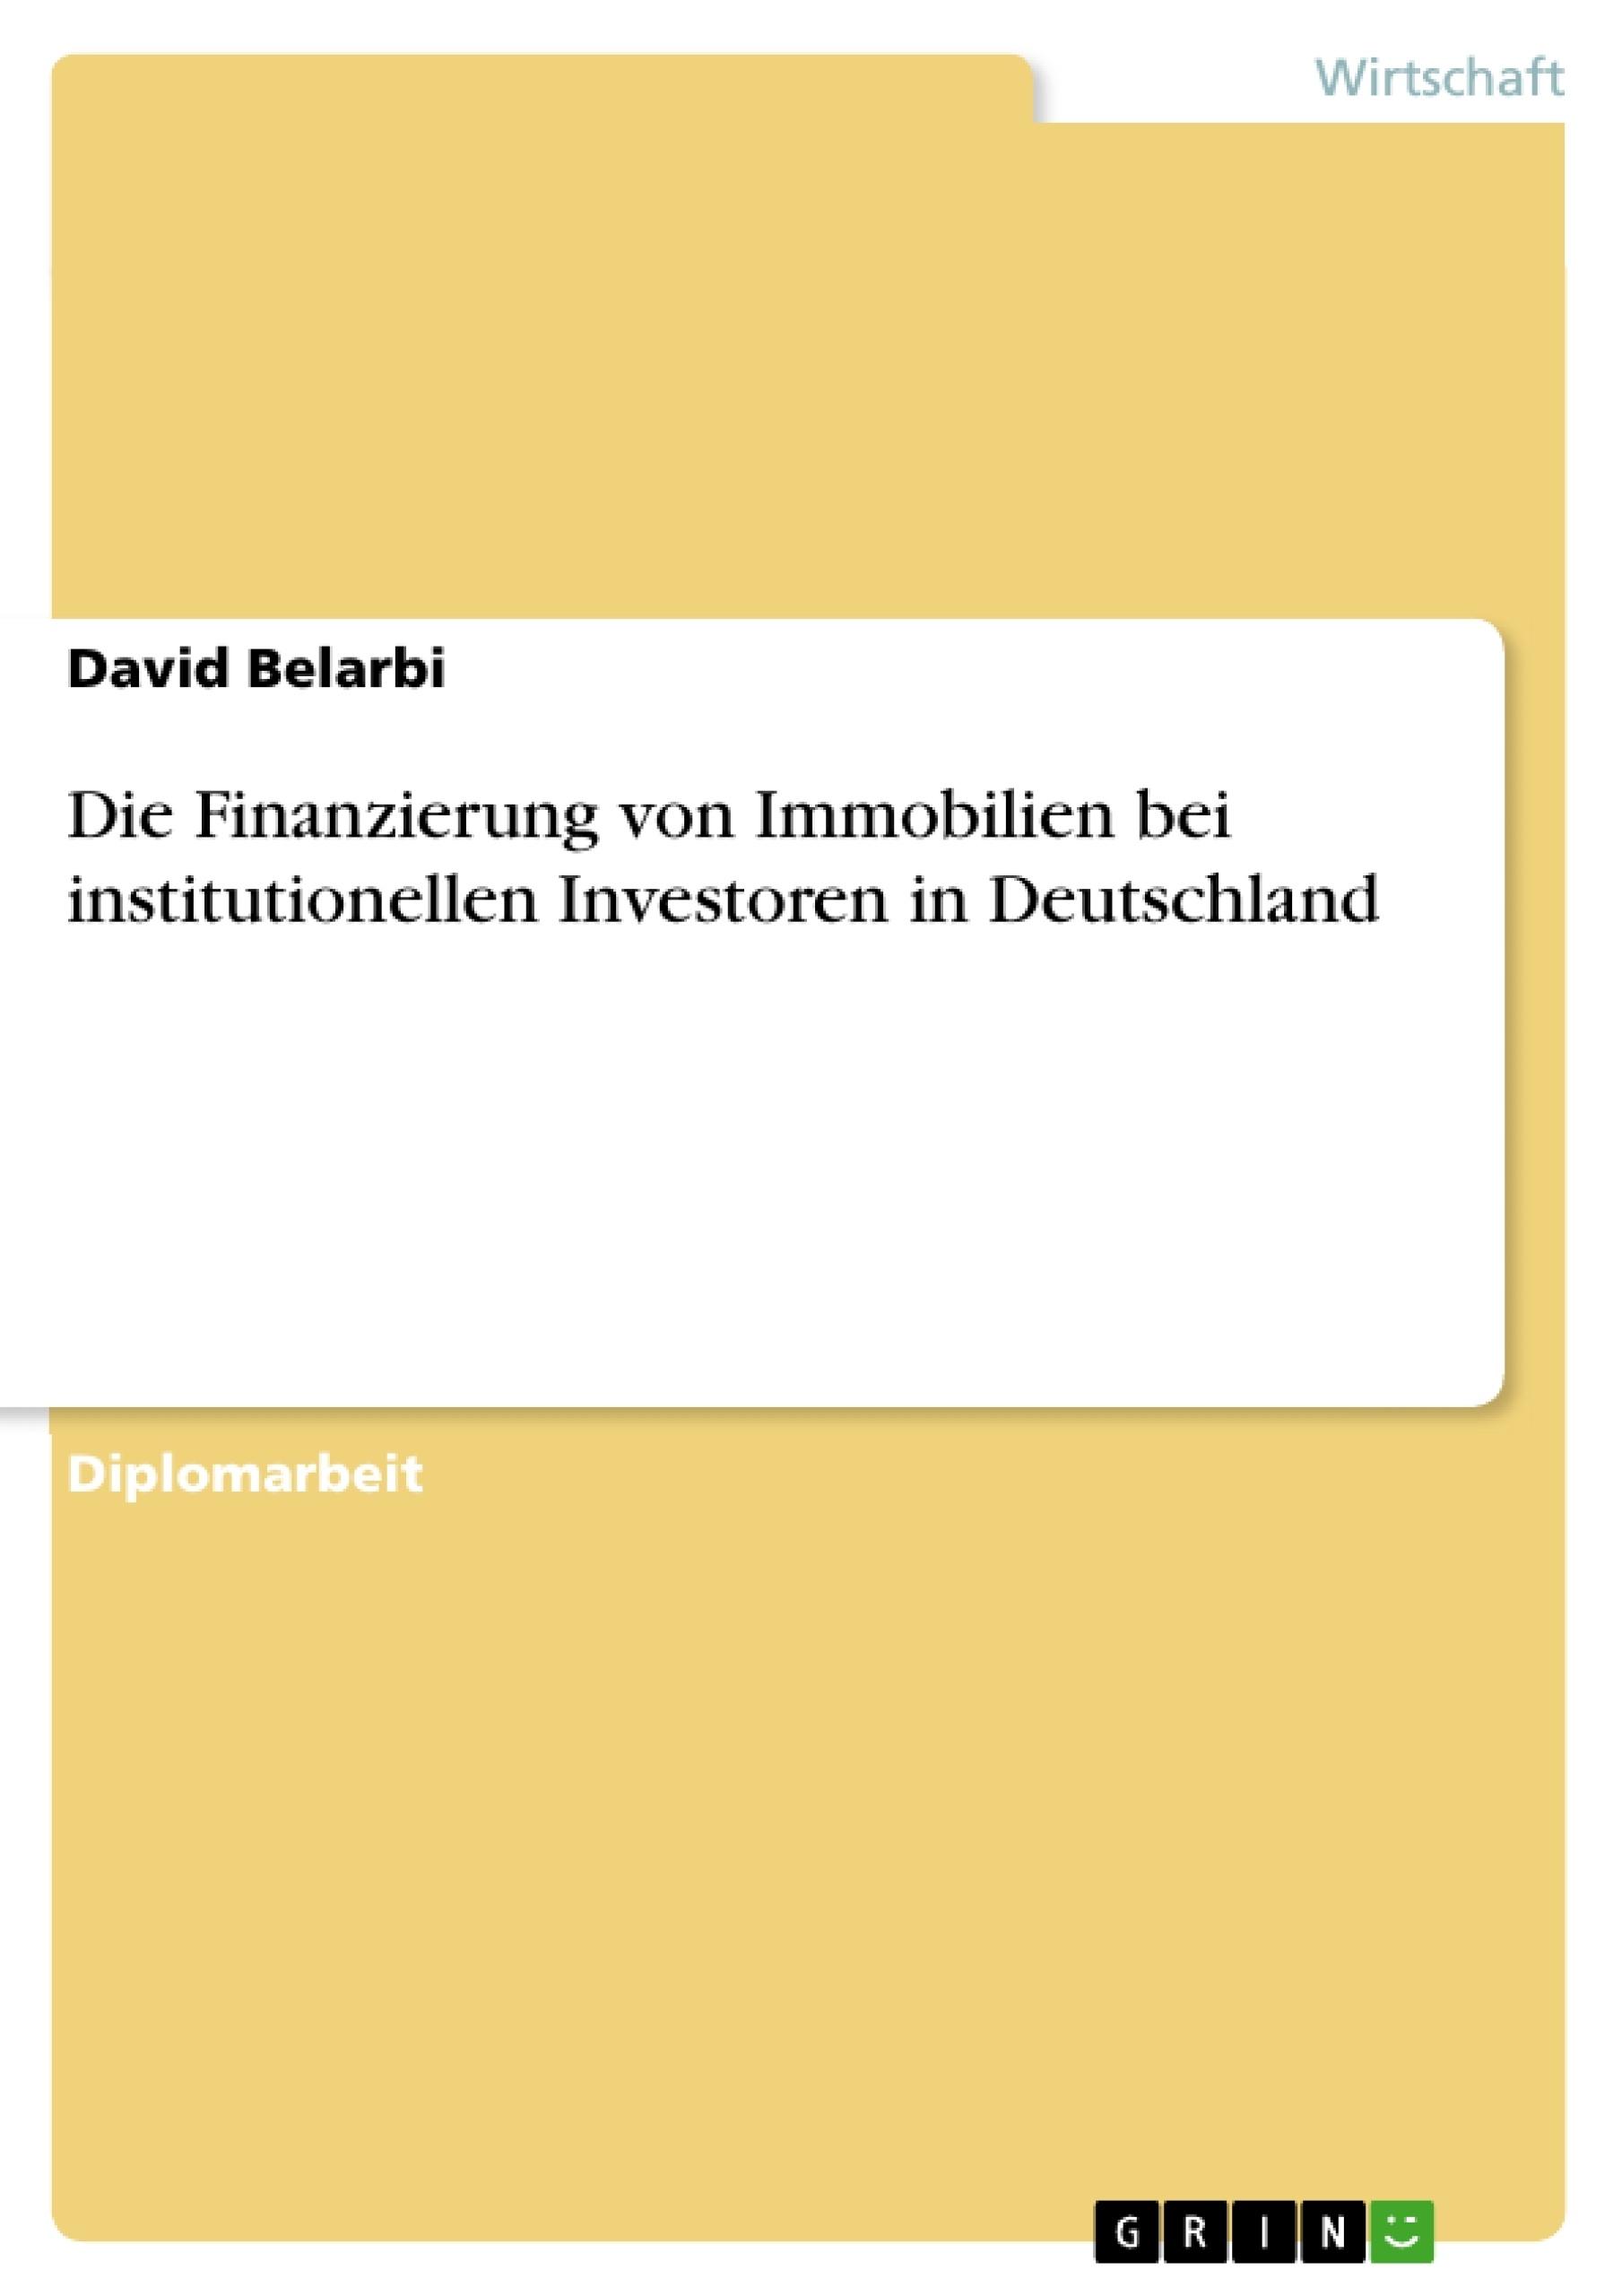 Titel: Die Finanzierung von Immobilien bei institutionellen Investoren in Deutschland